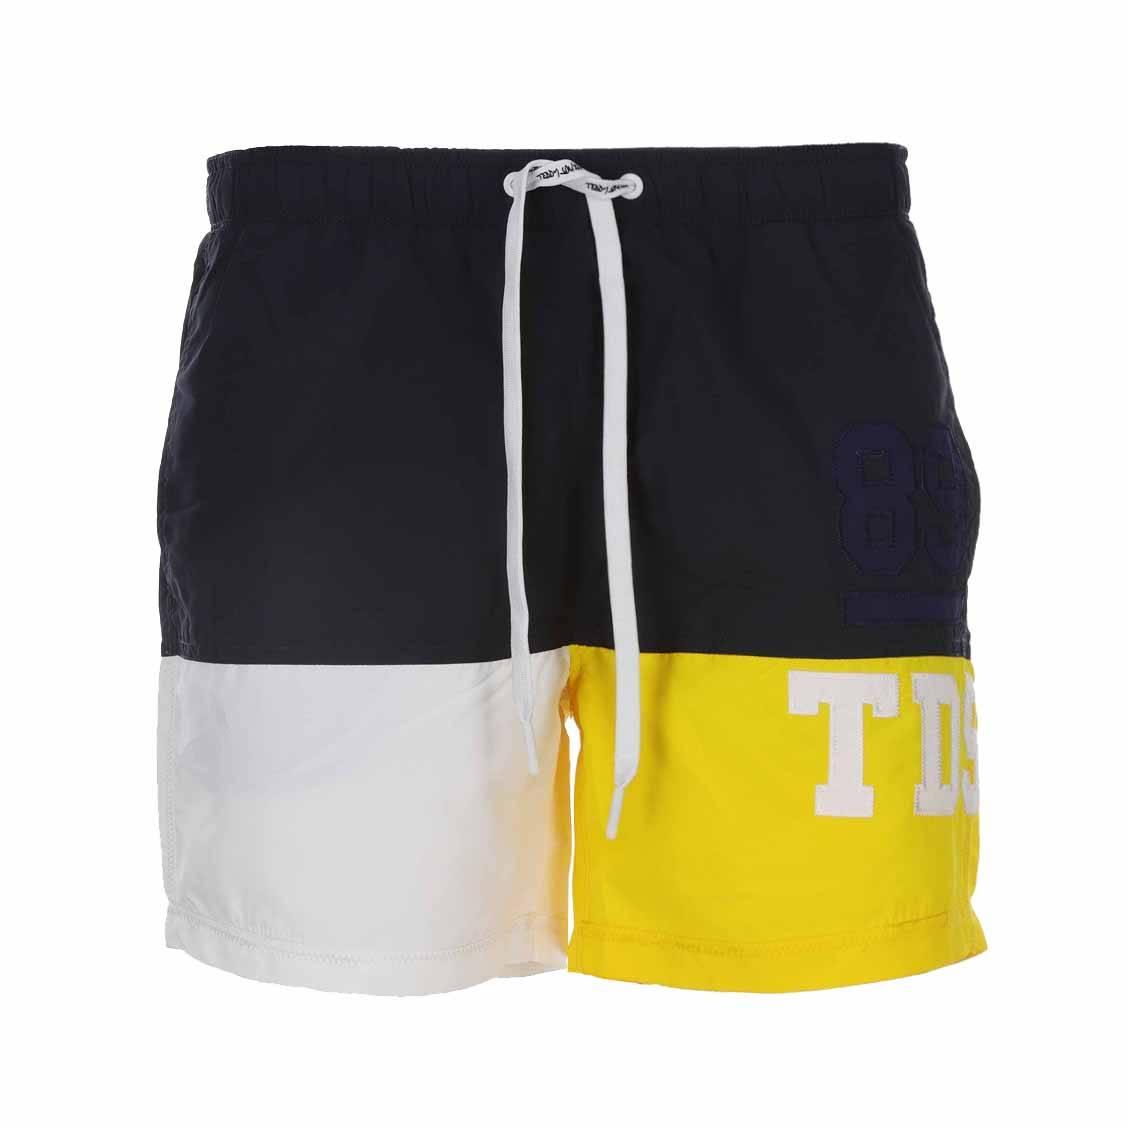 Short de bain Teddy Smith Sigum colorblock bleu nuit, blanc et jaune